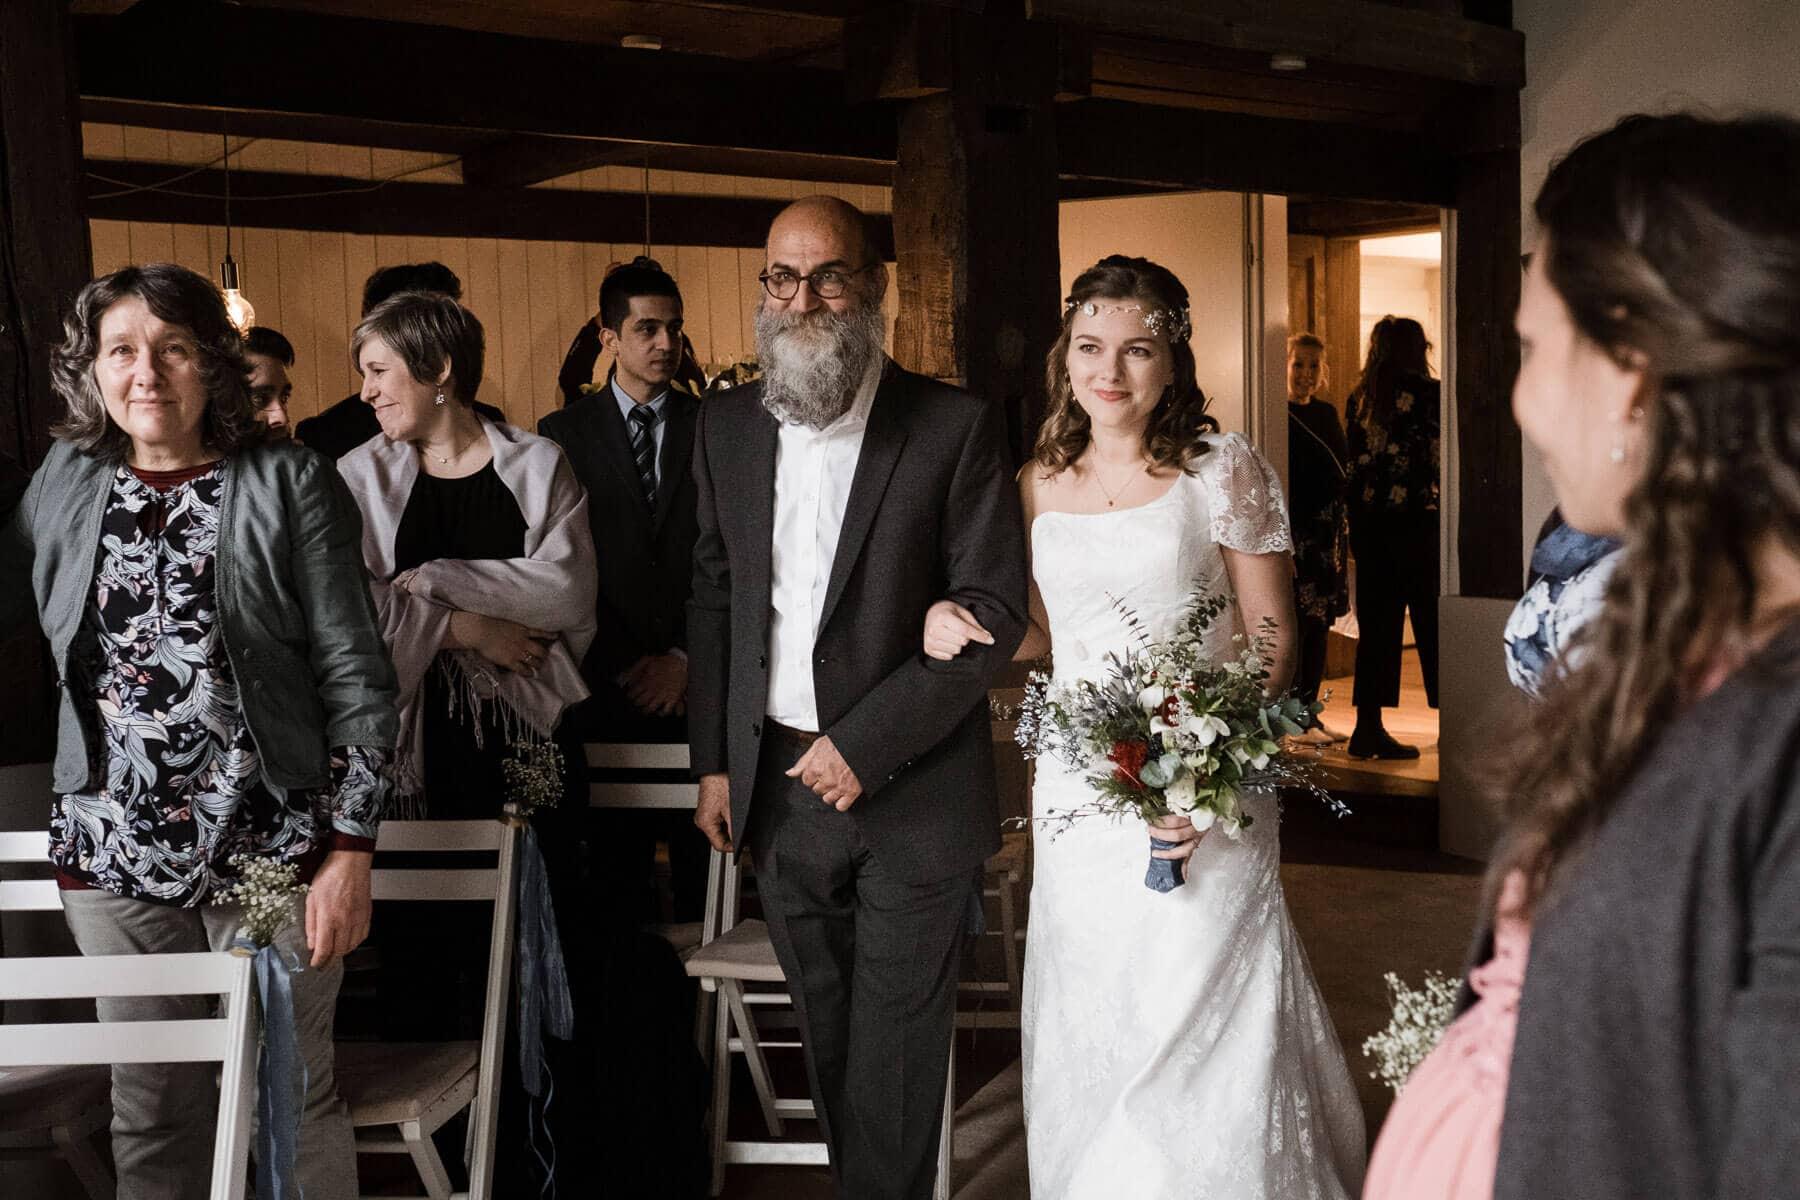 die Braut kommt mit ihrem Brautvater in das Trauzimmer in dem Landhaus, sie trägt ein weißes Brautkleid und hat einen üppigen Brautstrauß in der Hand, der Brautvater trägt einen schwarzen Anzug und hat einen langen Bart, sie gehen durch einen Gang, um sie herum stehen die Gäste